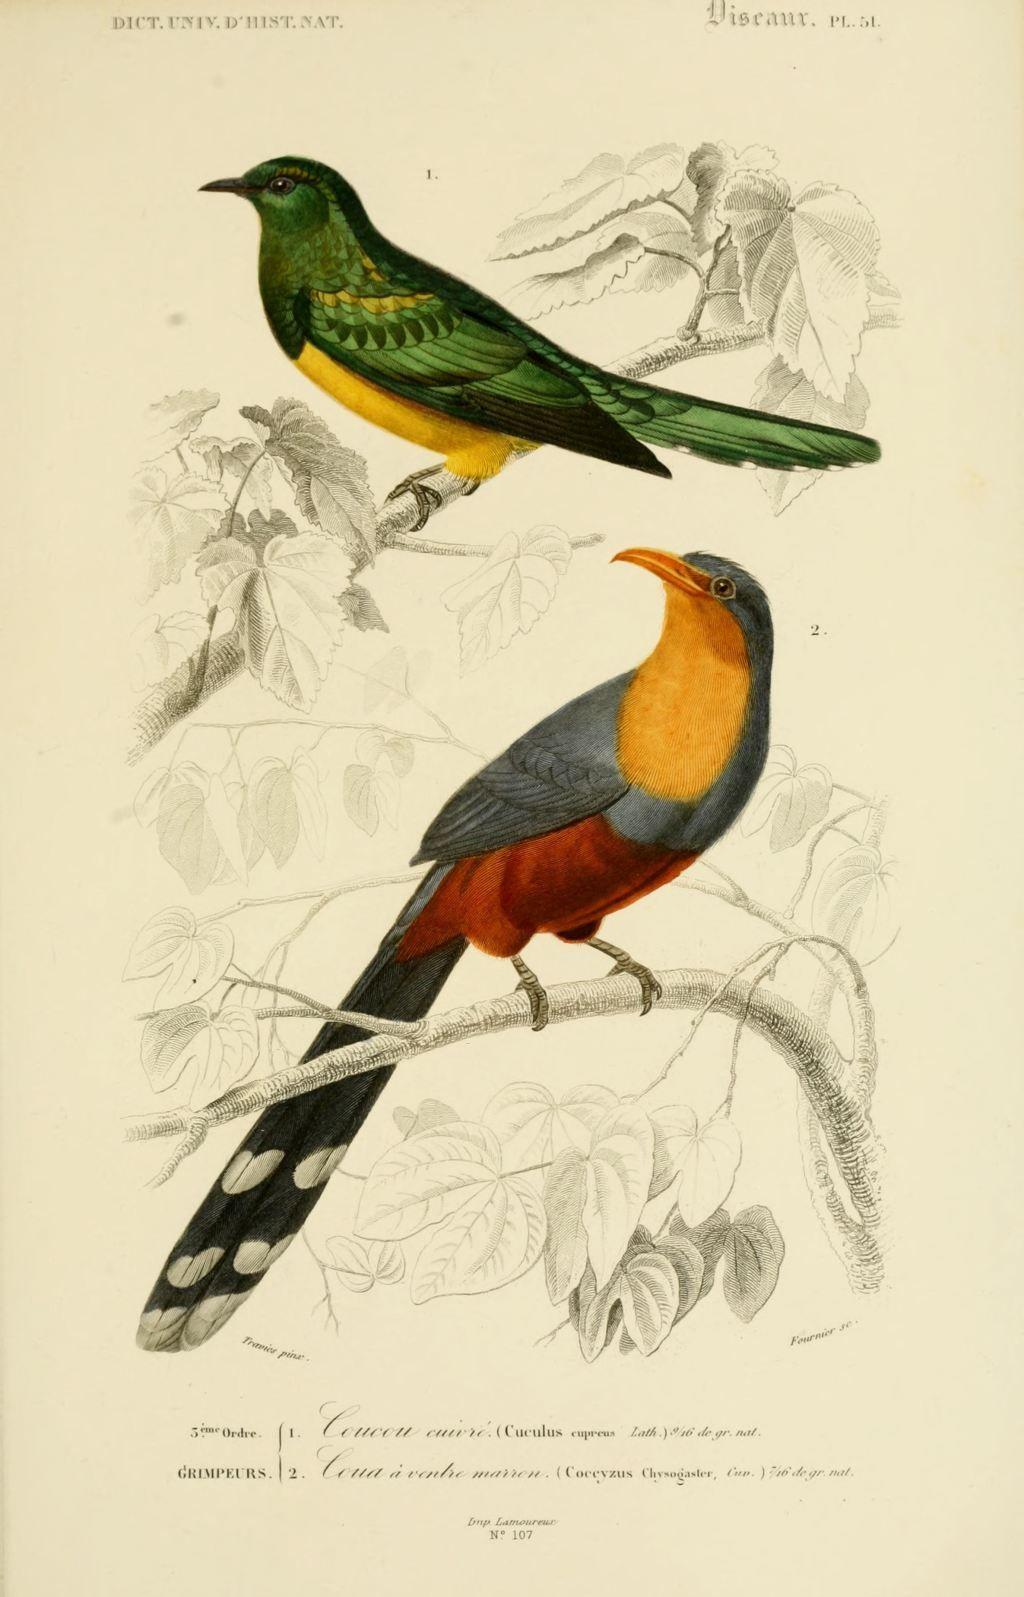 gravures couleur d 39 oiseaux gravure oiseau 0243 coucou cuivre cuculus cupreus passereau. Black Bedroom Furniture Sets. Home Design Ideas